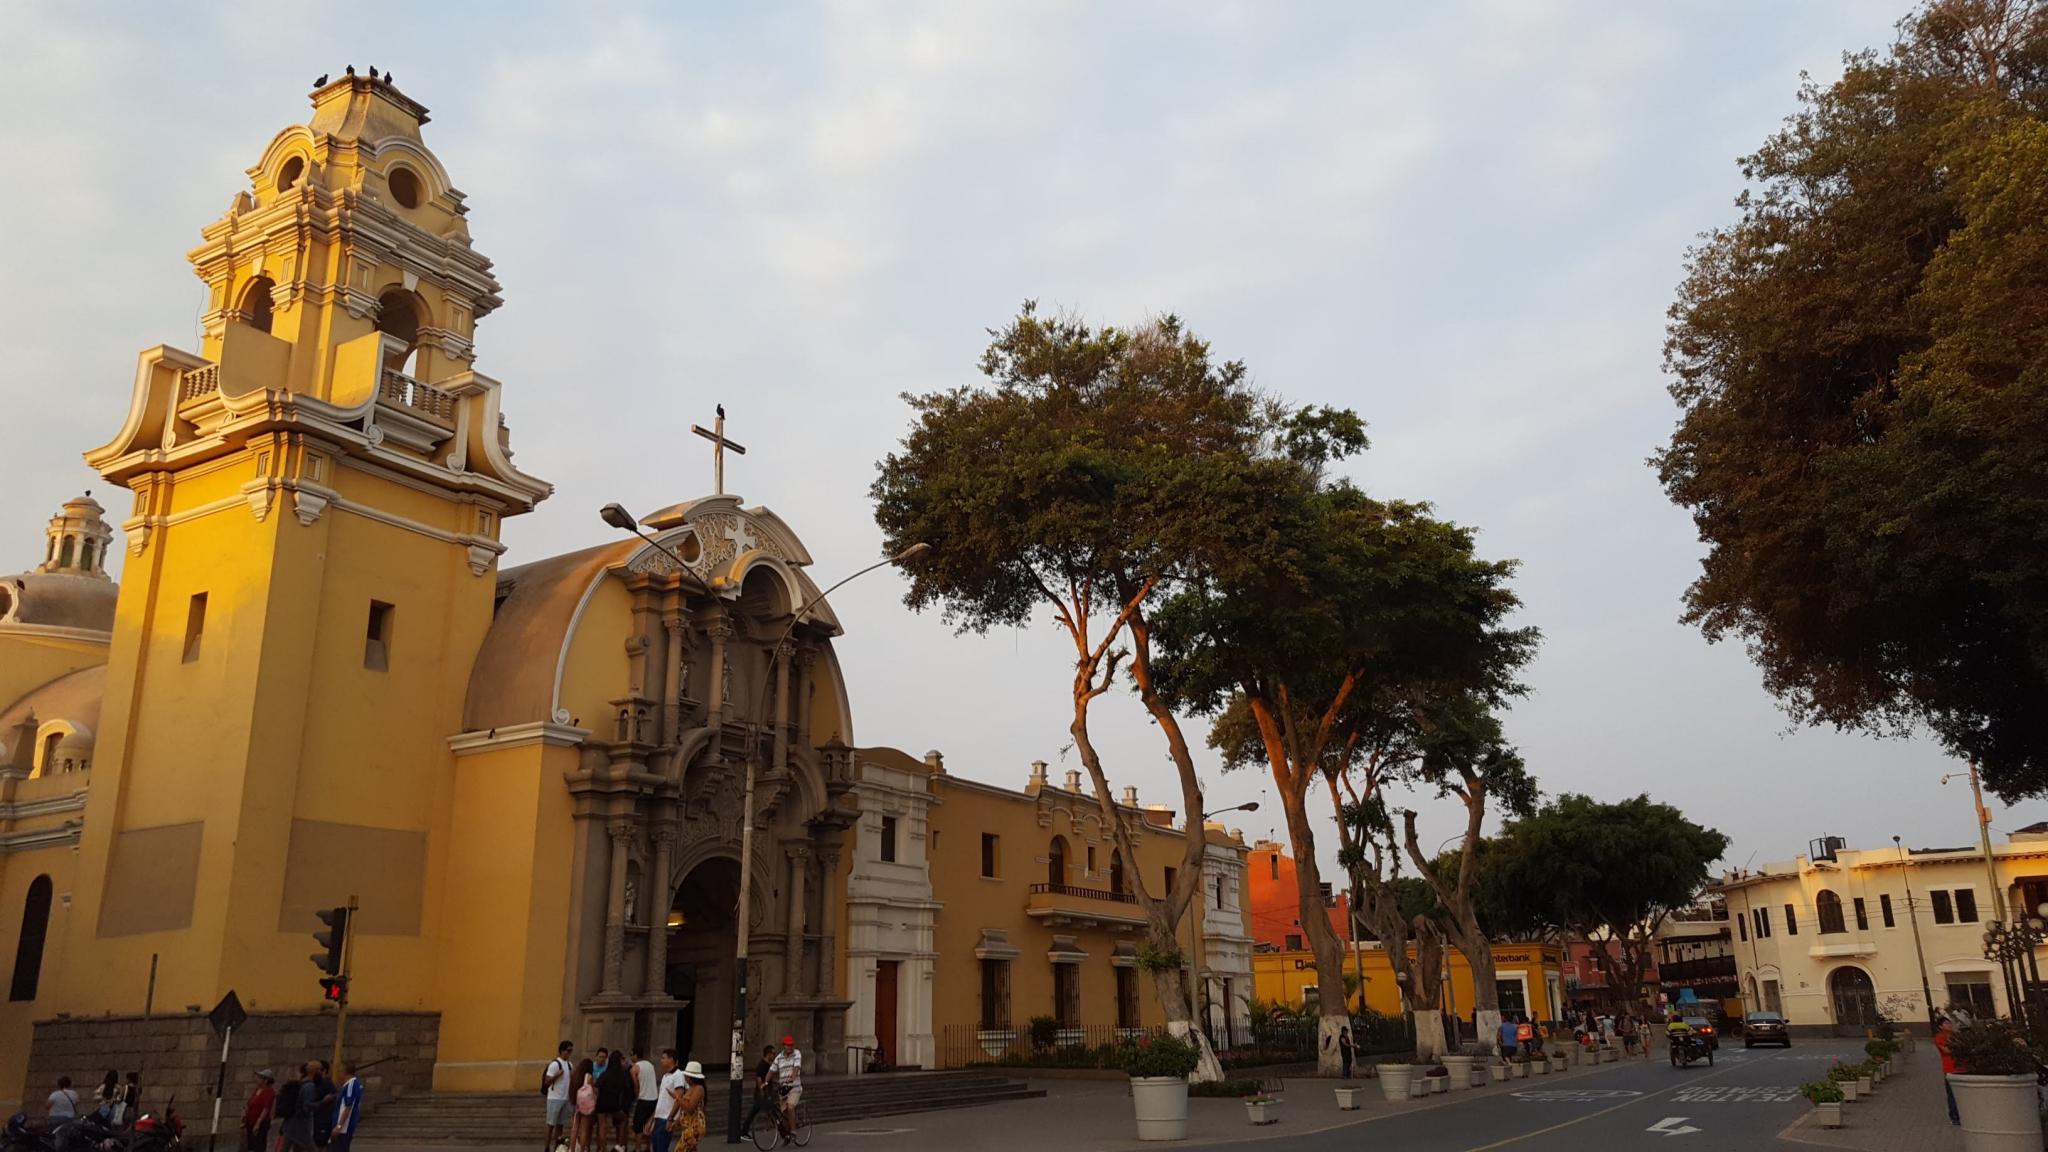 Peru: Lima, Cusco and Machu Picchu-old-town-jpg